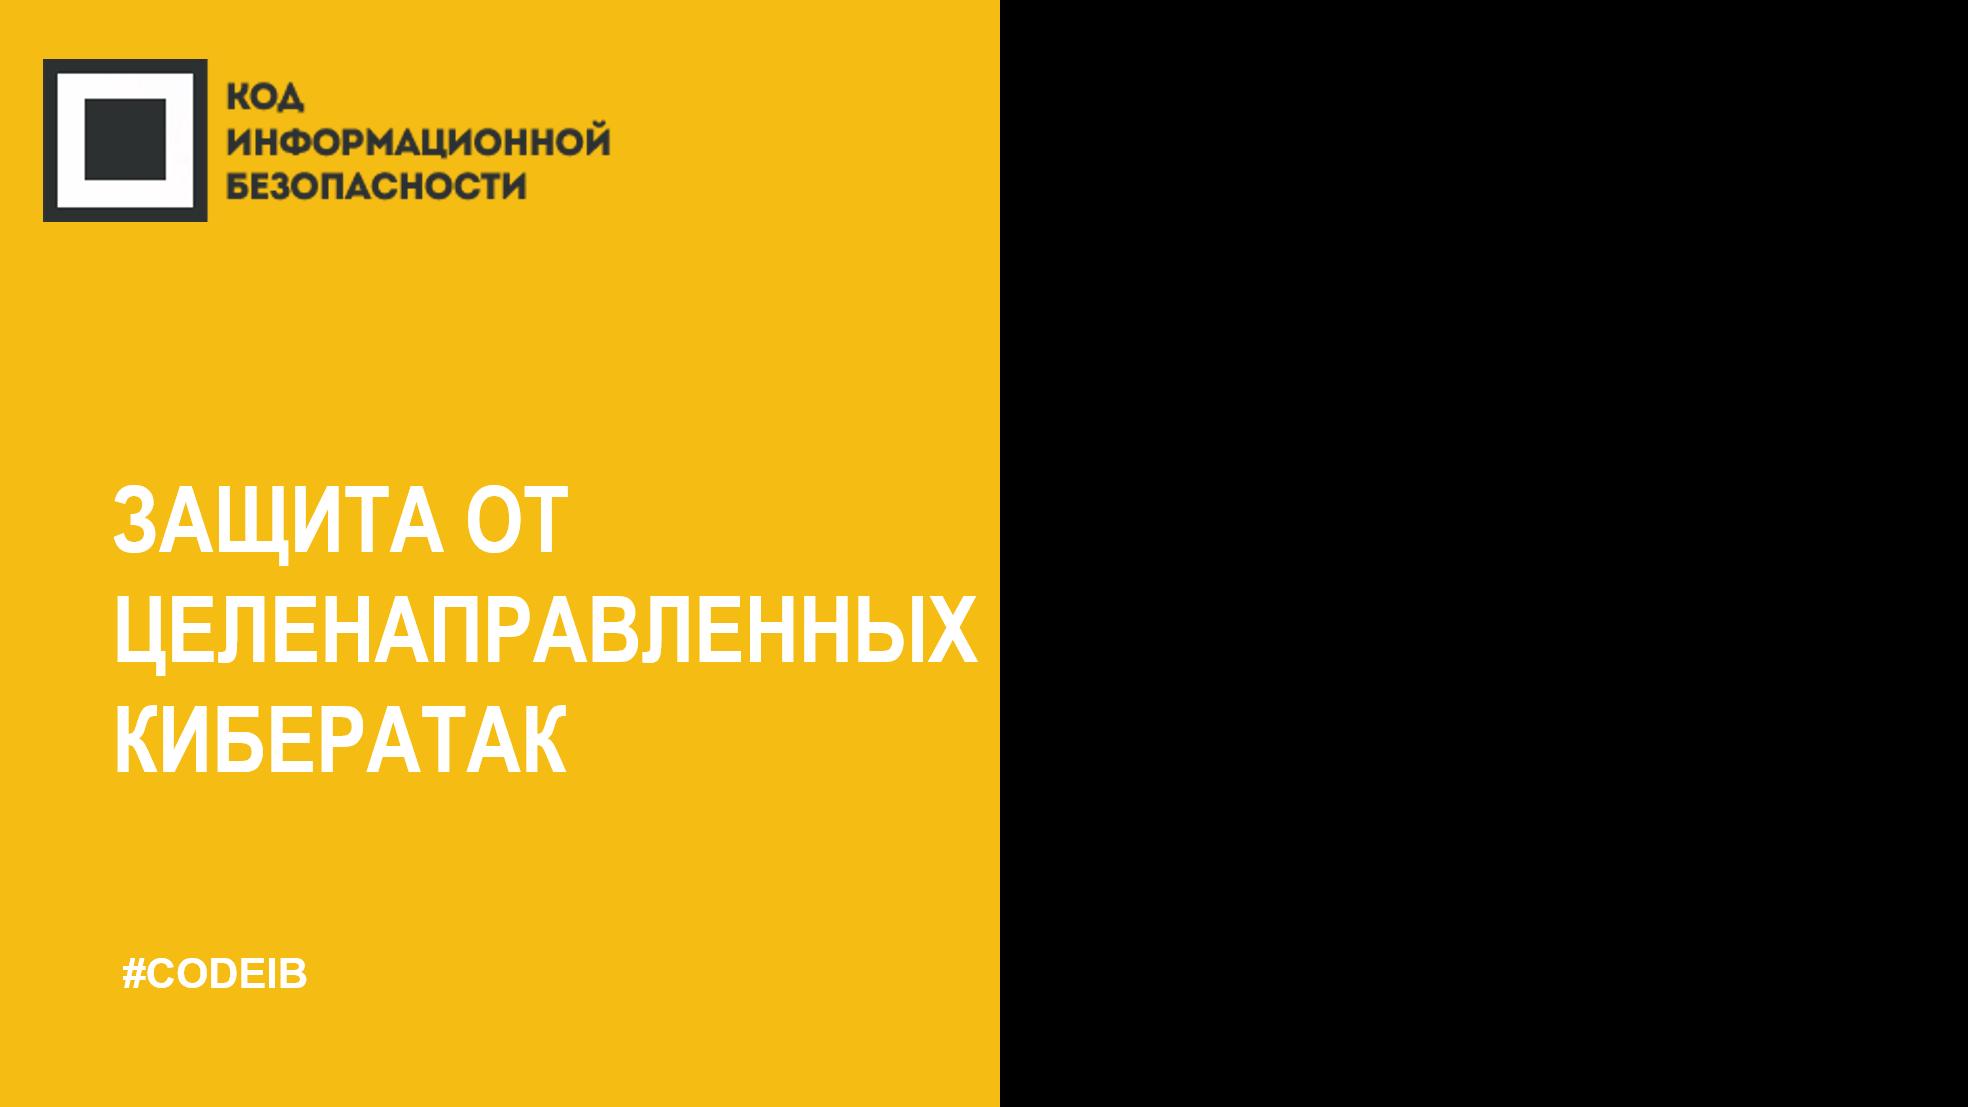 Код ИБ 2019 | Уфа. Вводная дискуссия: Защита от целенаправленных кибератак